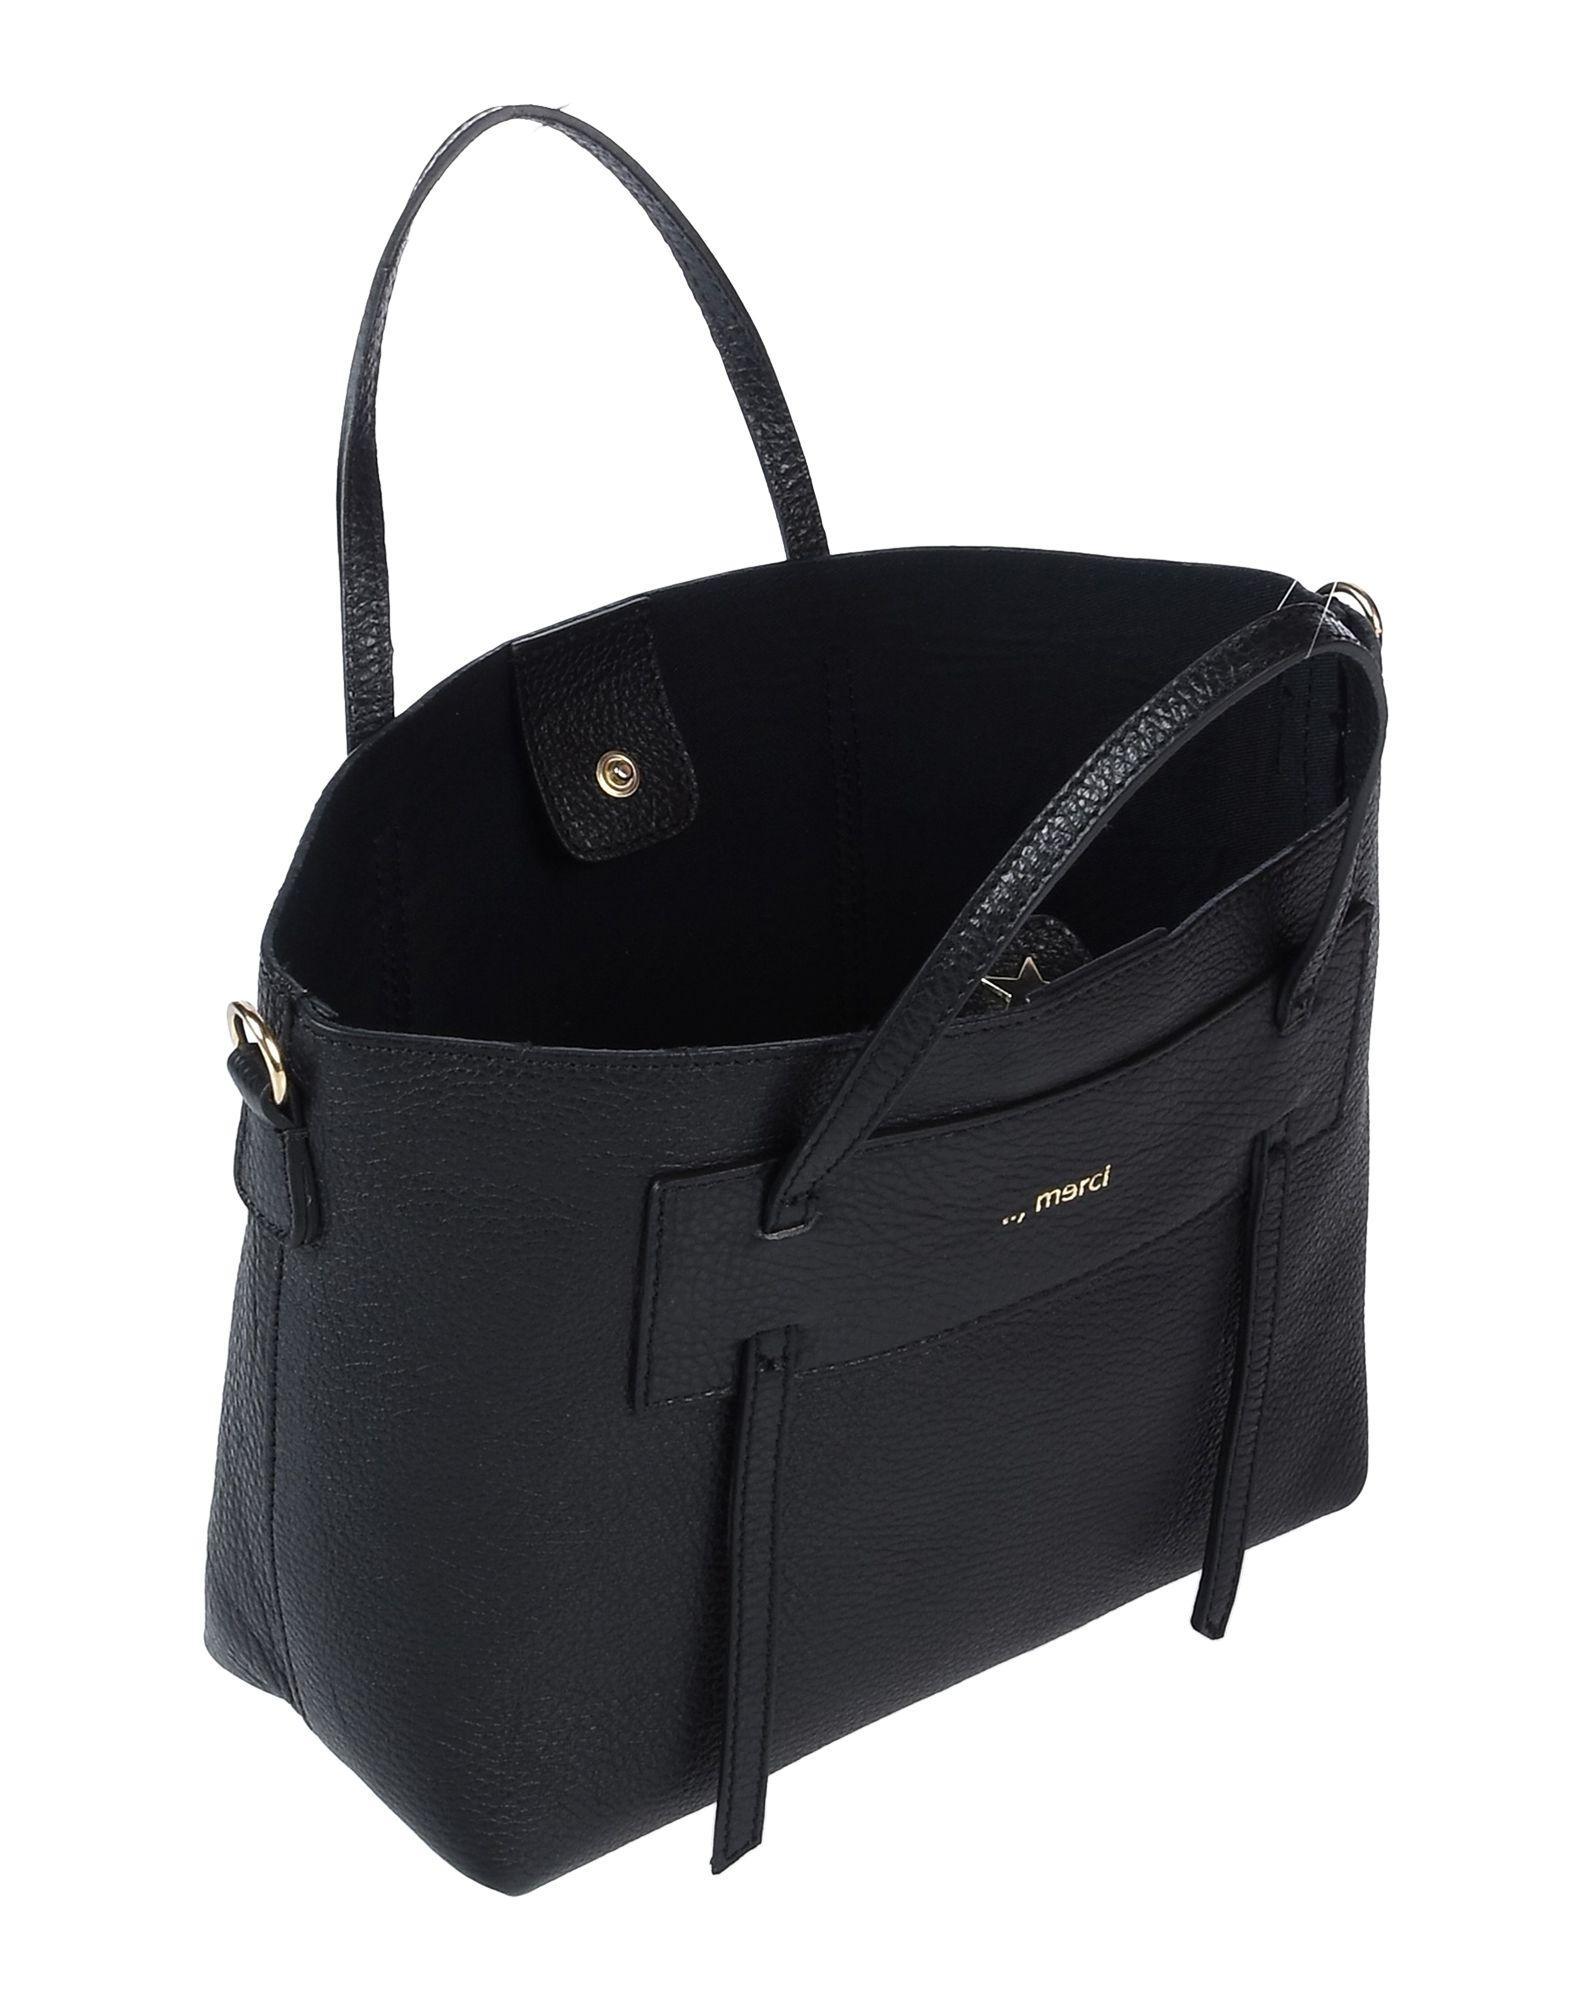 ..,merci Leder Handtaschen in Schwarz  dU0Pp